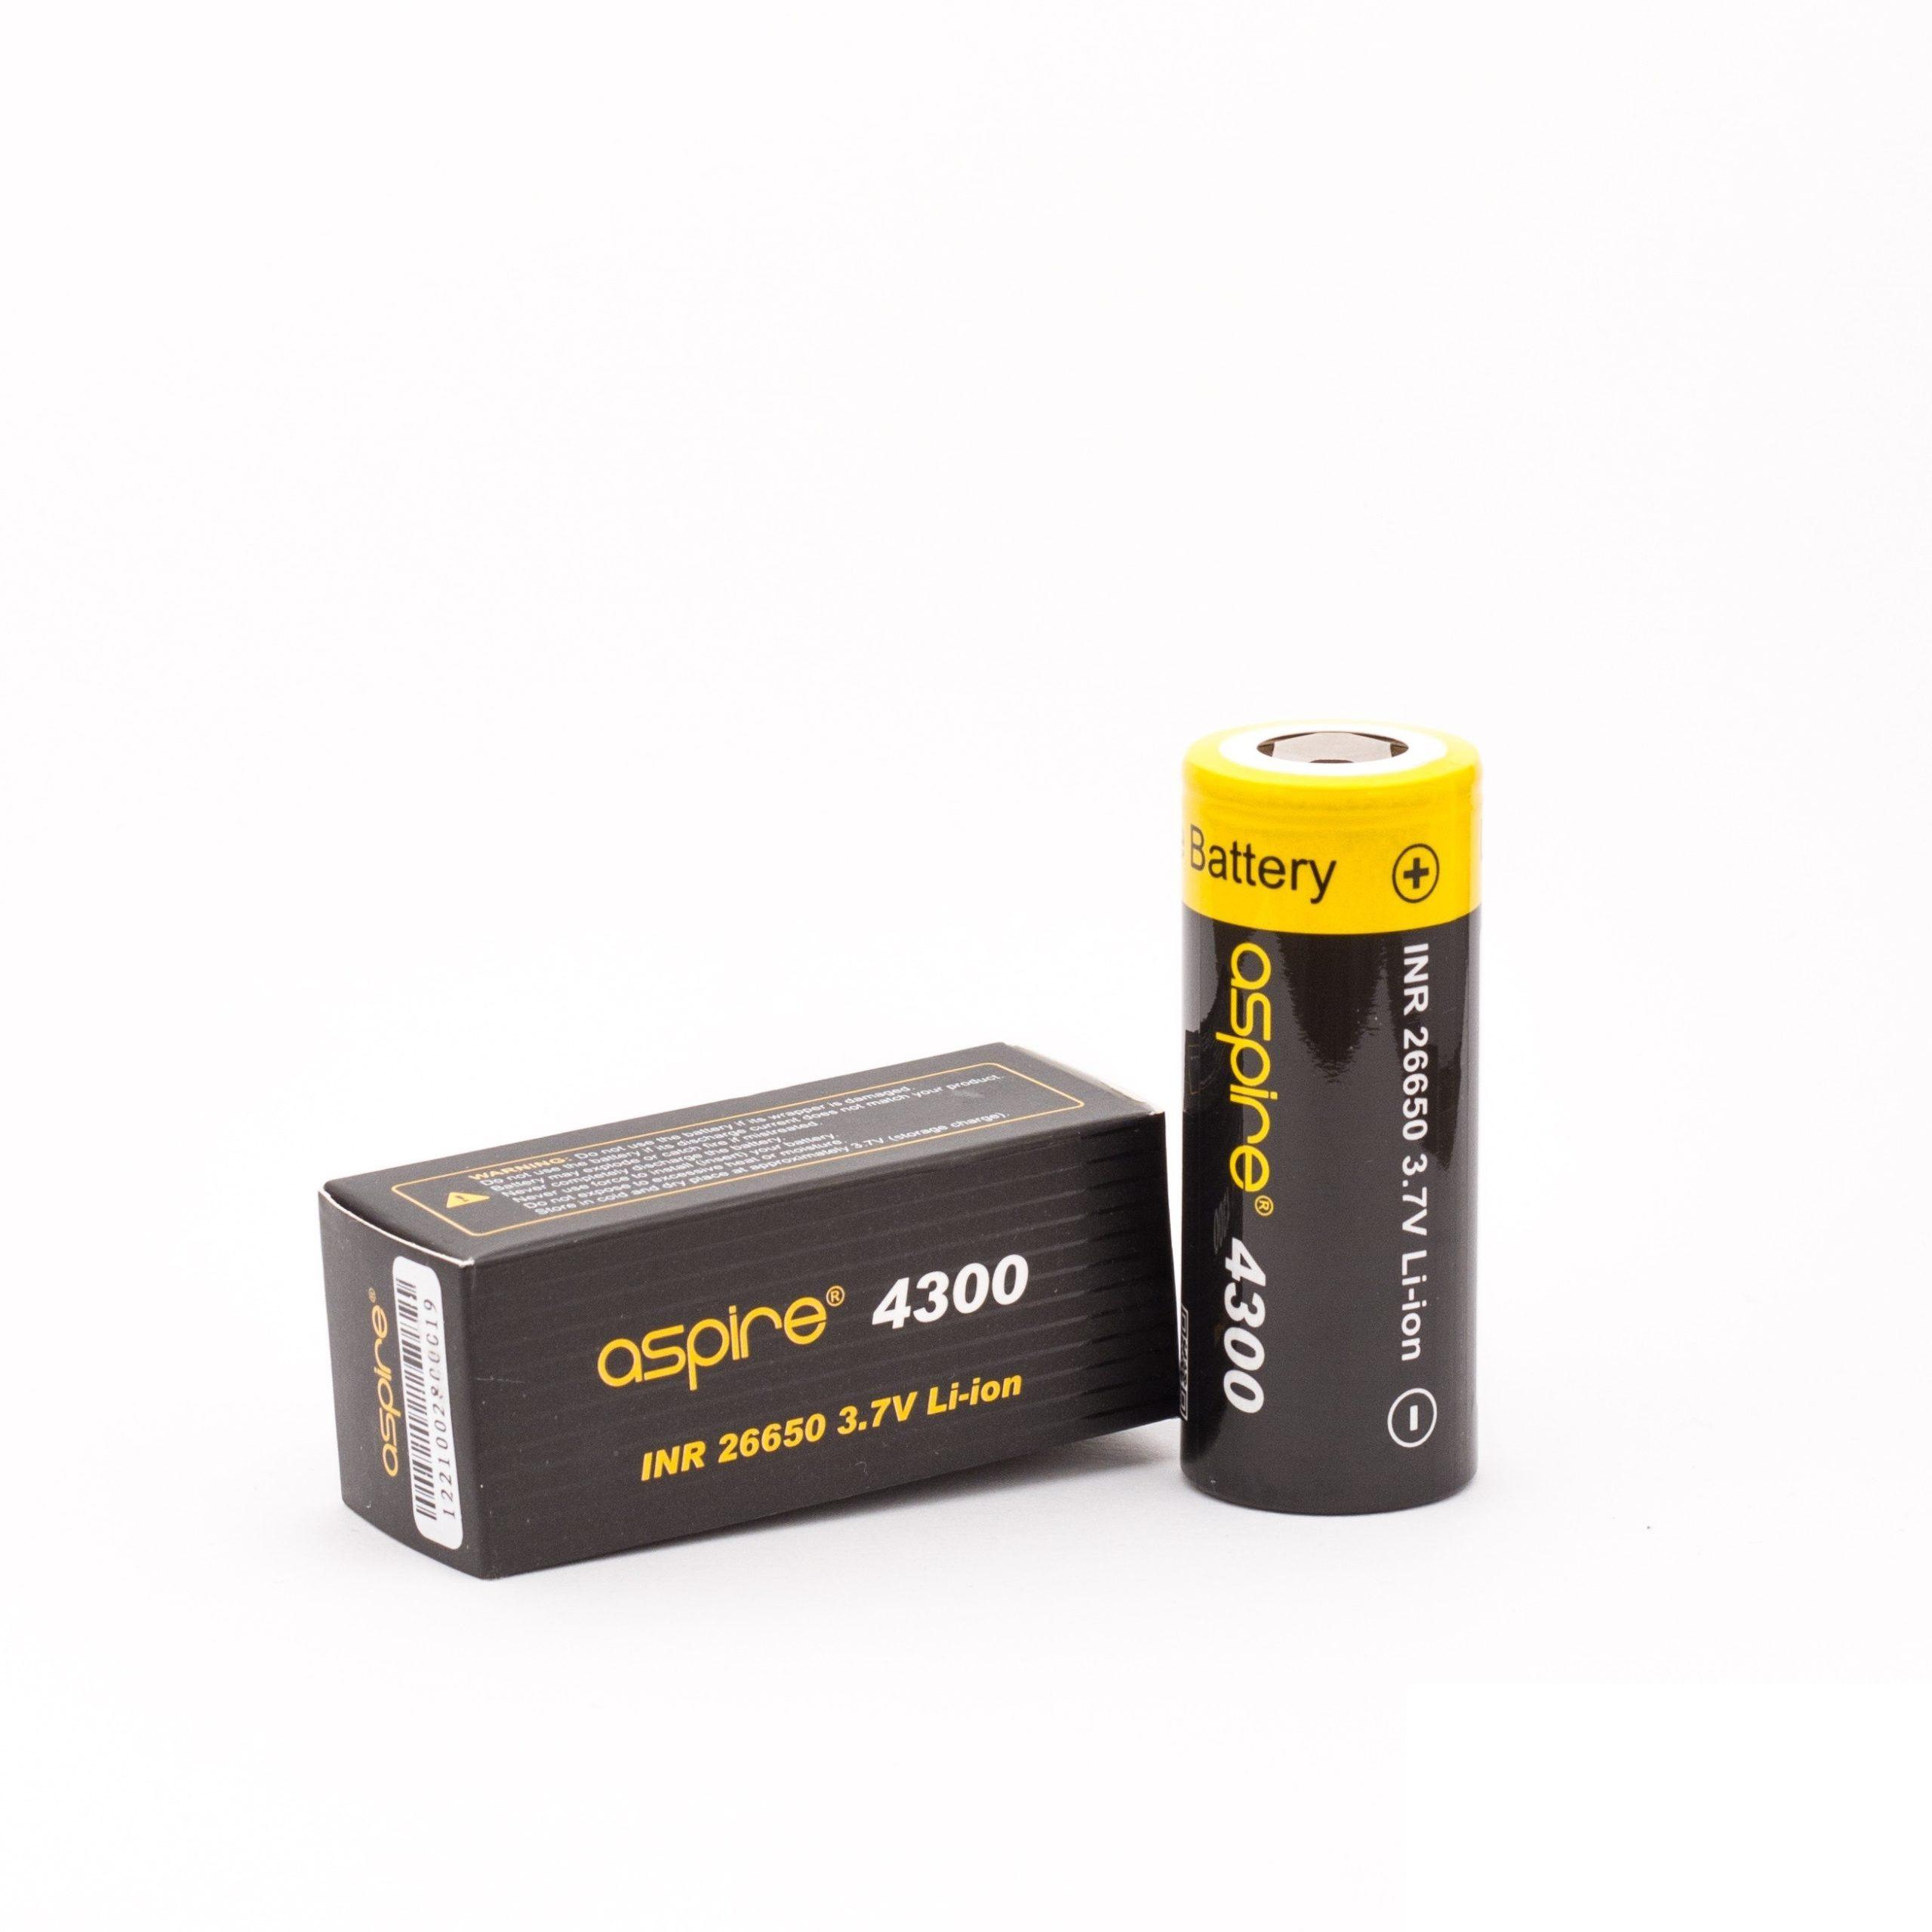 Flat top batterij met vermogen van 4200mAh en rating van 20A.